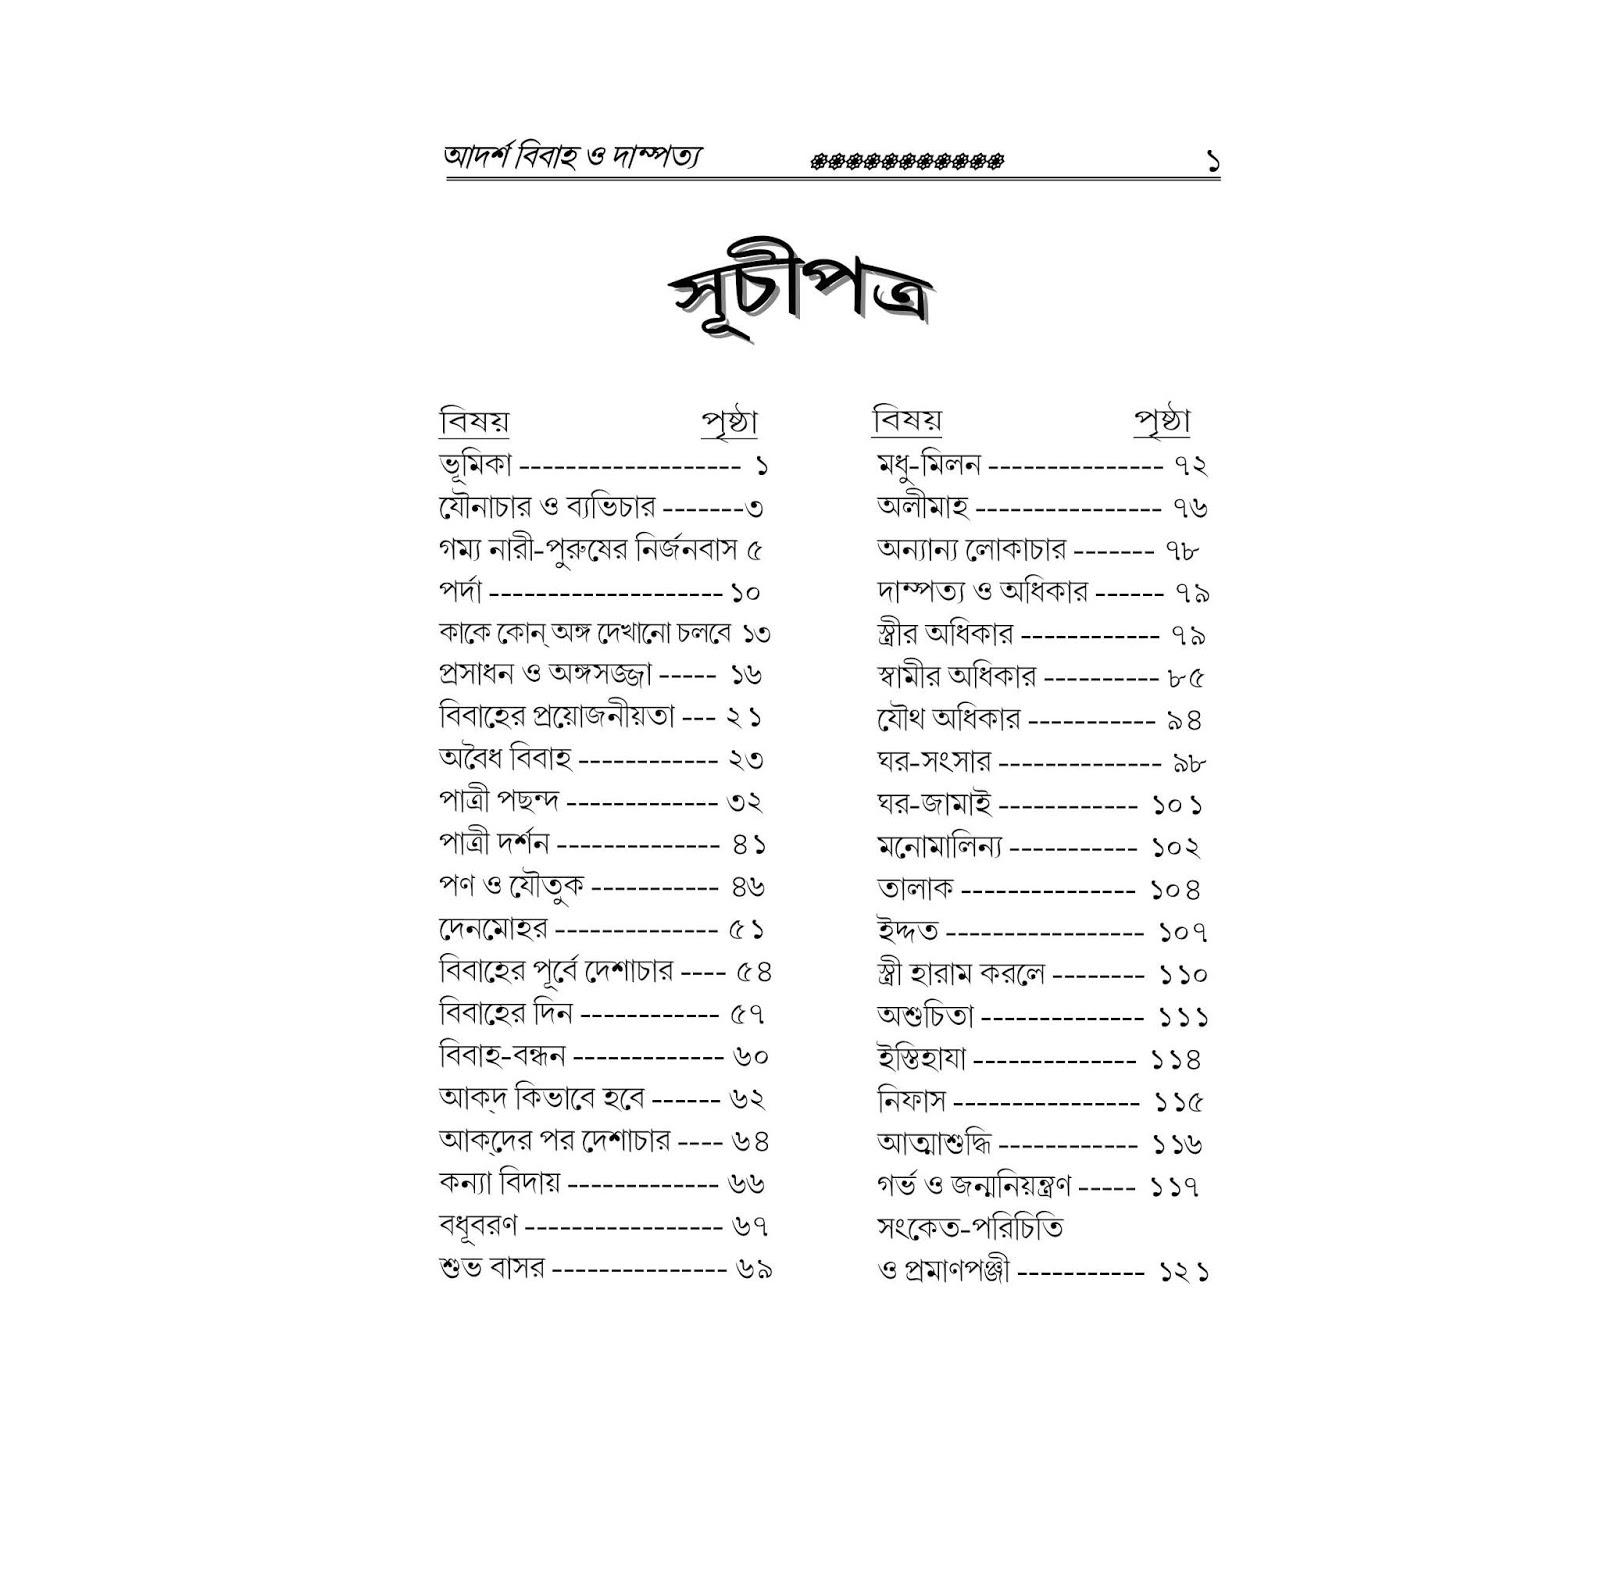 আদর্শ বিবাহ ও দাম্পত্য জীবন pdf | বিয়ে সম্পর্কিত বই |বিয়ে সম্পর্কিত বই pdf